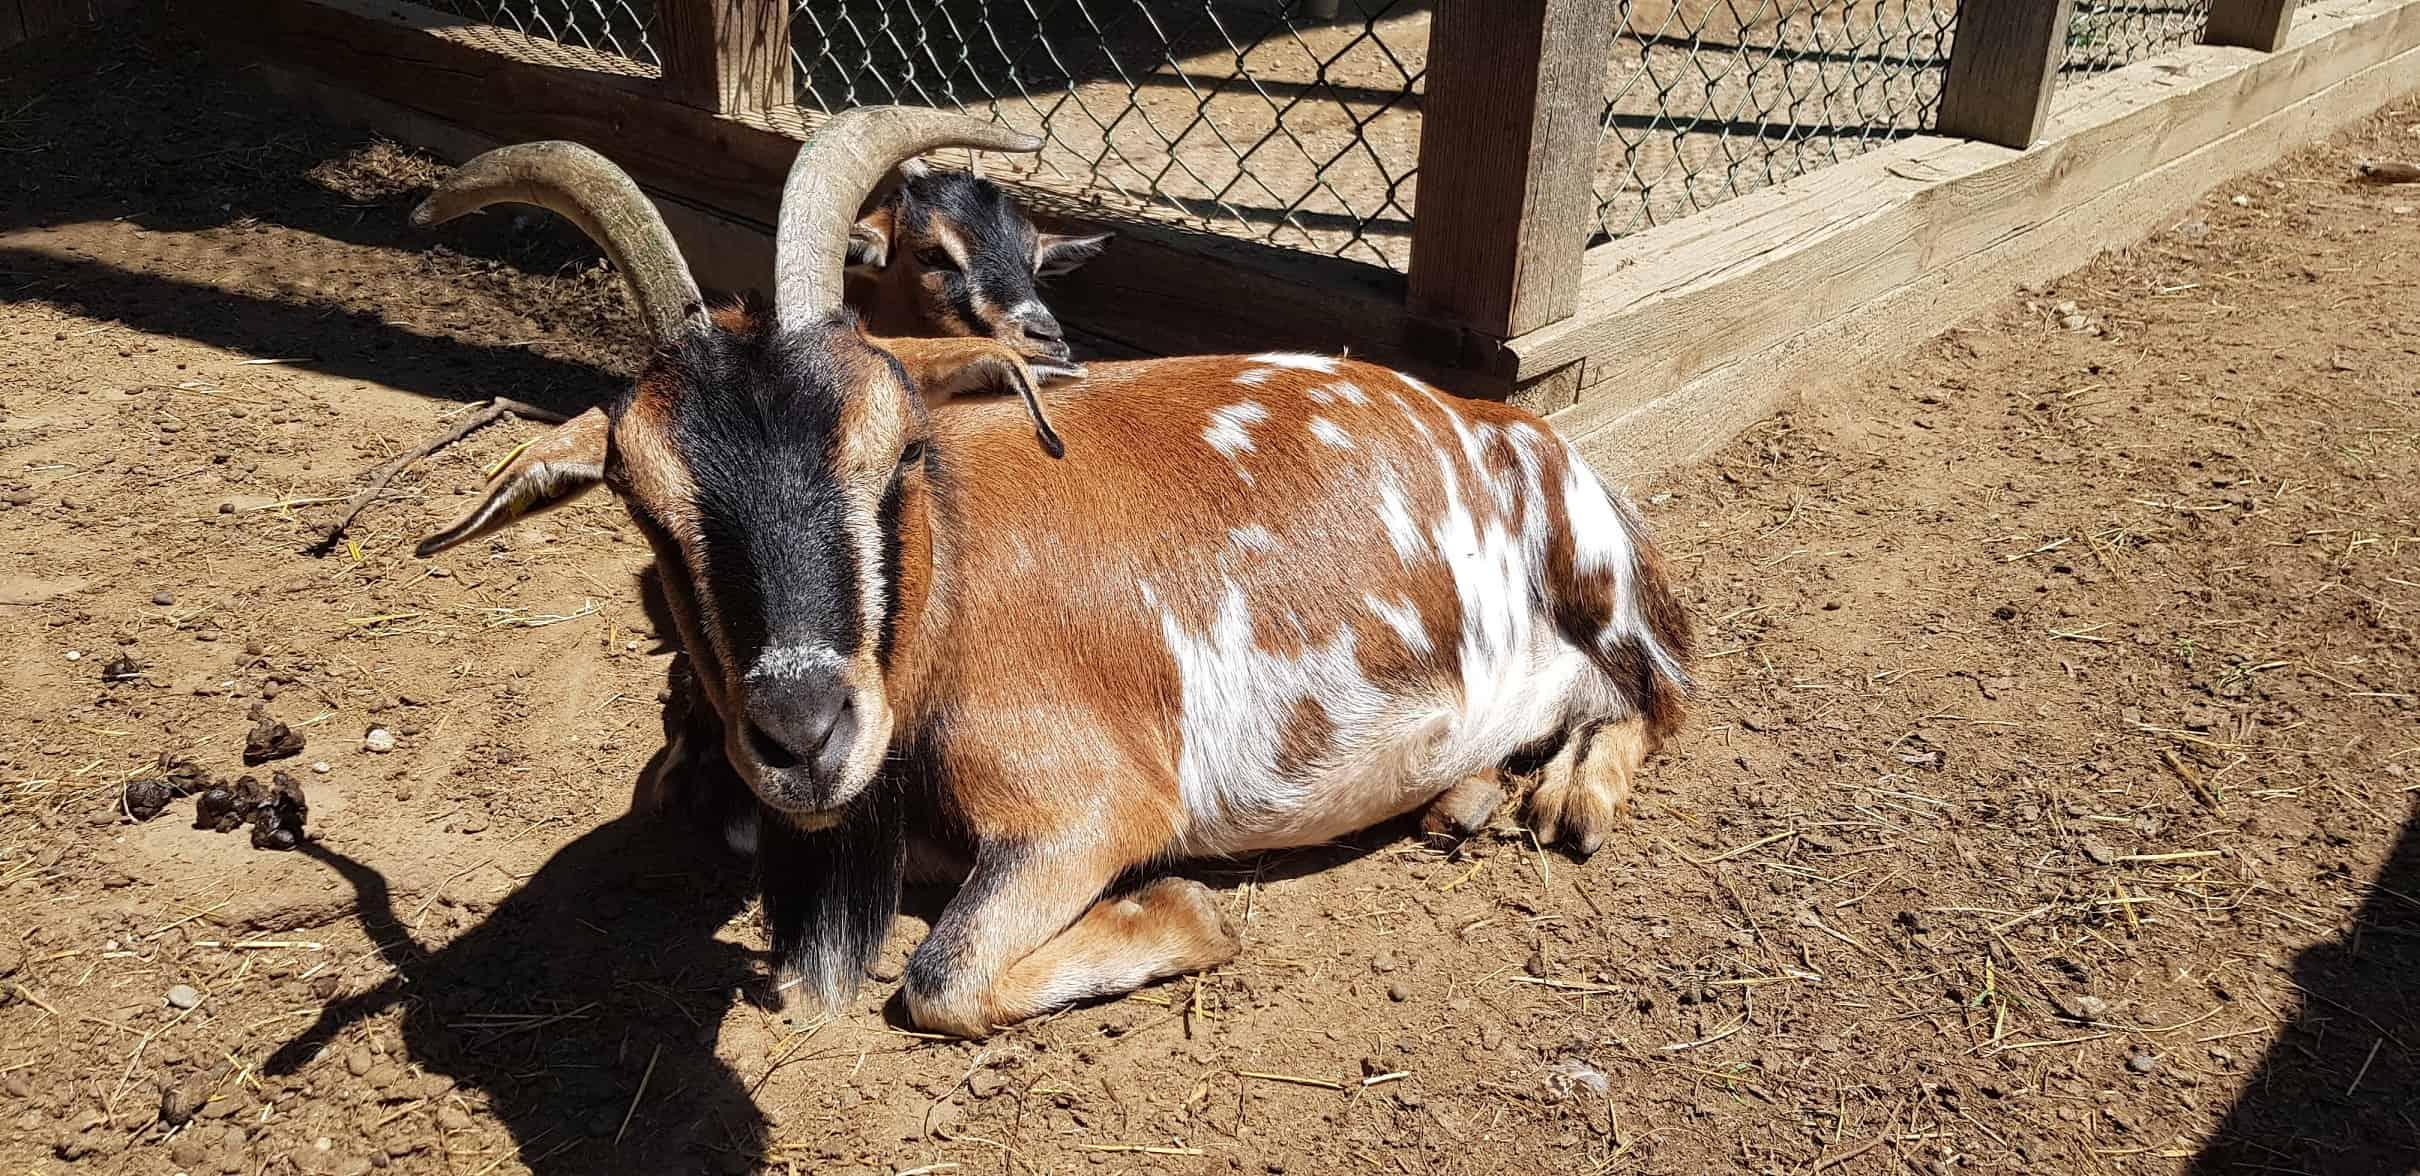 Ziege im kinderfreundlichen Streichelzoo Tierpark Rosegg Kärnten